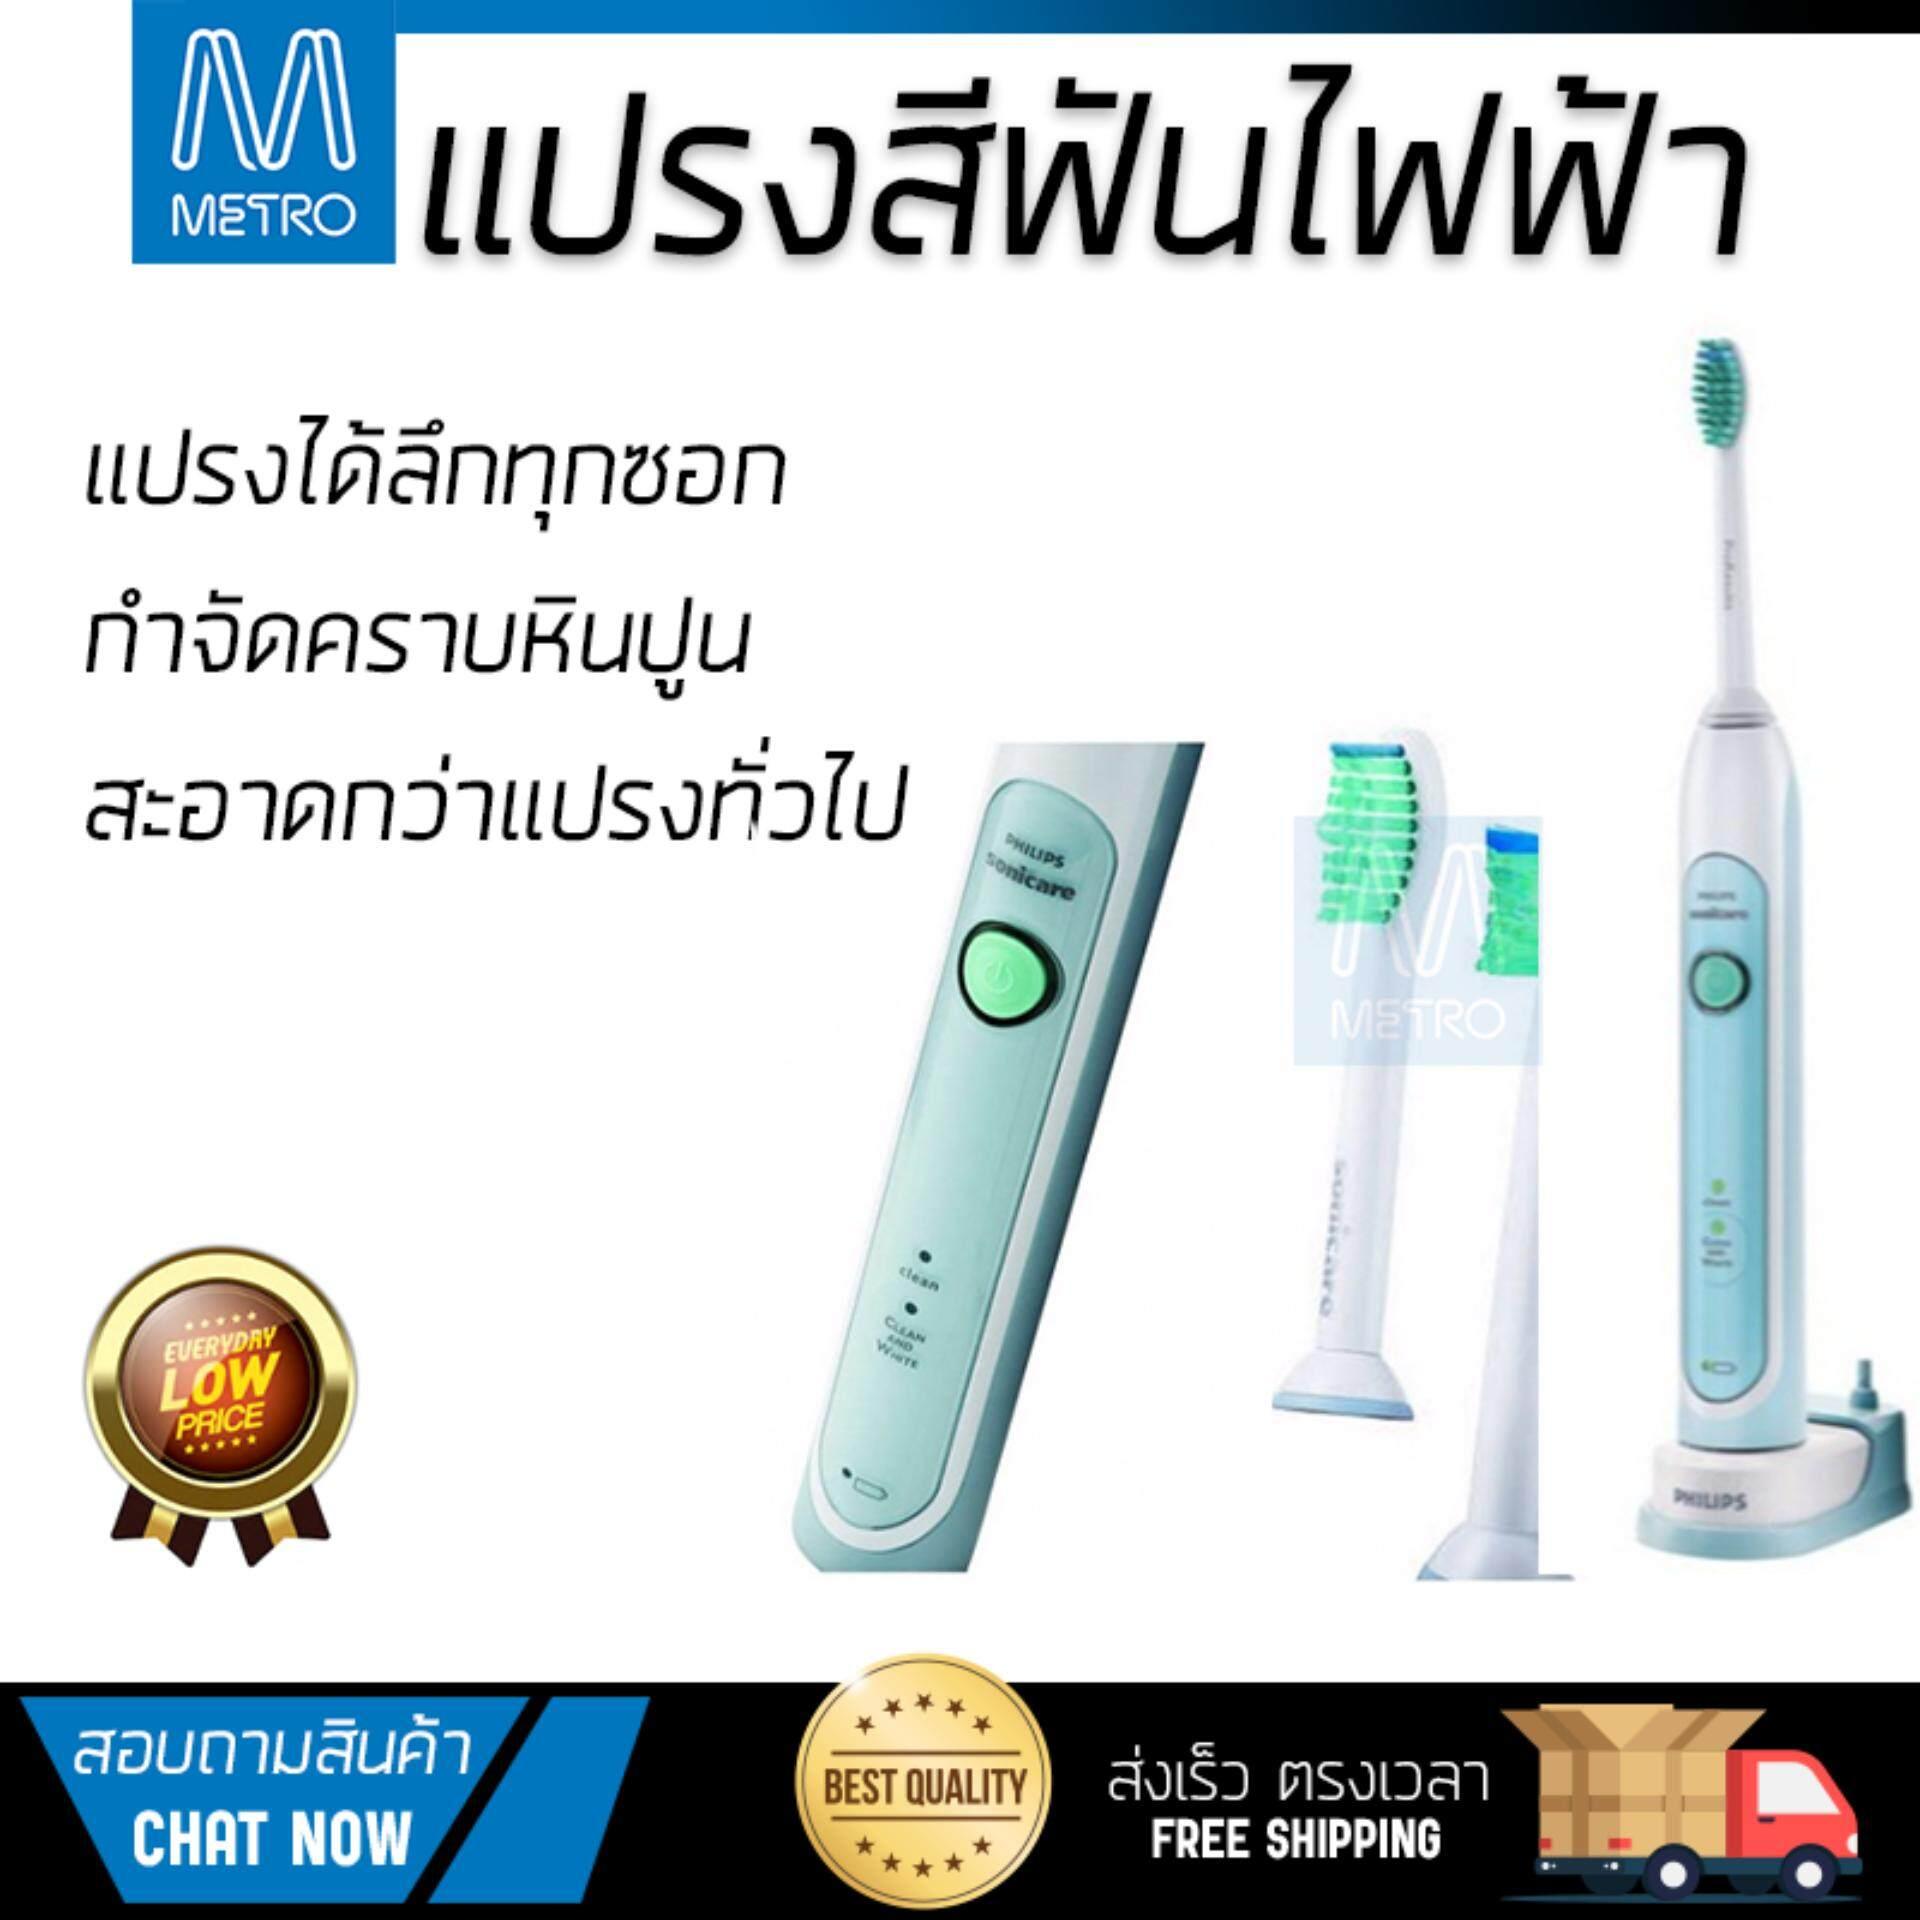 กระเป๋าเป้ นักเรียน ผู้หญิง วัยรุ่น ระยอง รุ่นใหม่ล่าสุด แปรงสีฟัน แปรงสีฟันไฟฟ้า แปรงสีฟันไฟฟ้า PHILIPS HX6711 02  PHILIPS  HX6711 02 สะดวก แปรงได้ลึกทุกซอกทุกมุม นุ่มนวล สะอาดกว่าแปรงทั่วไป Electric Toothbrushes จัดส่งฟรีทั่วประเทศ